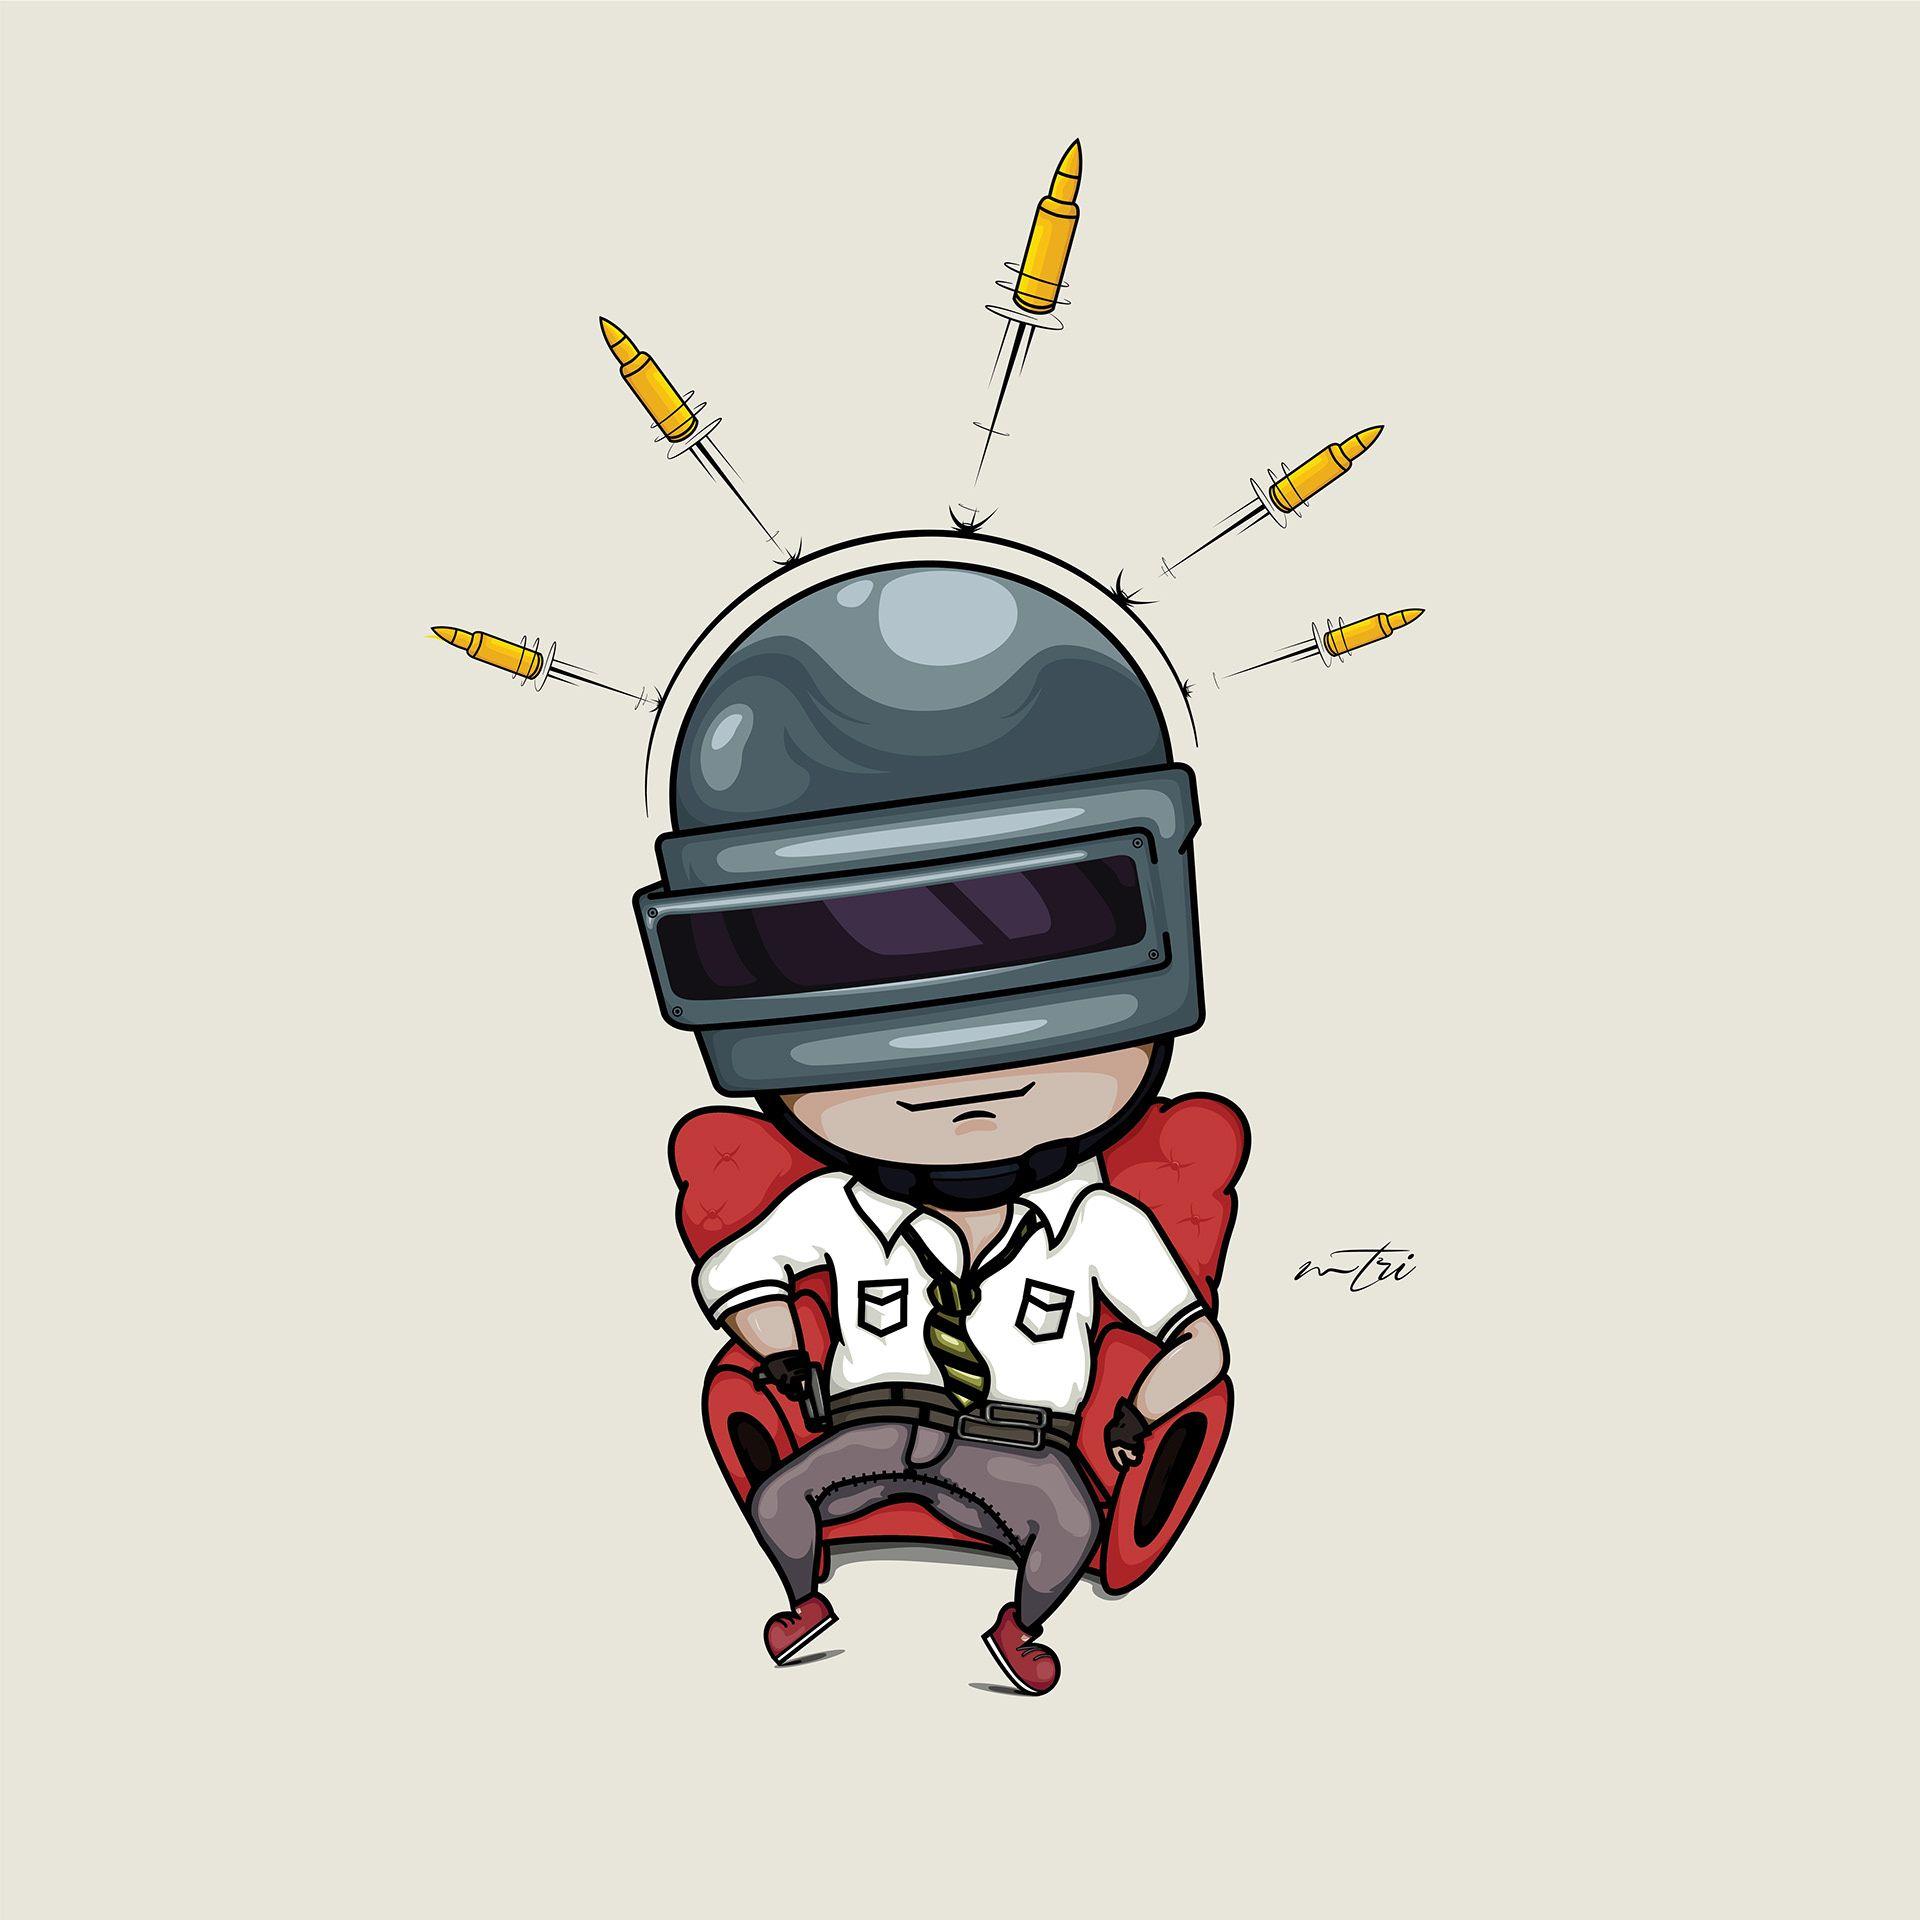 P U B G Chibi Style By Me On Behance Di 2020 Logo Keren Kartun Animasi